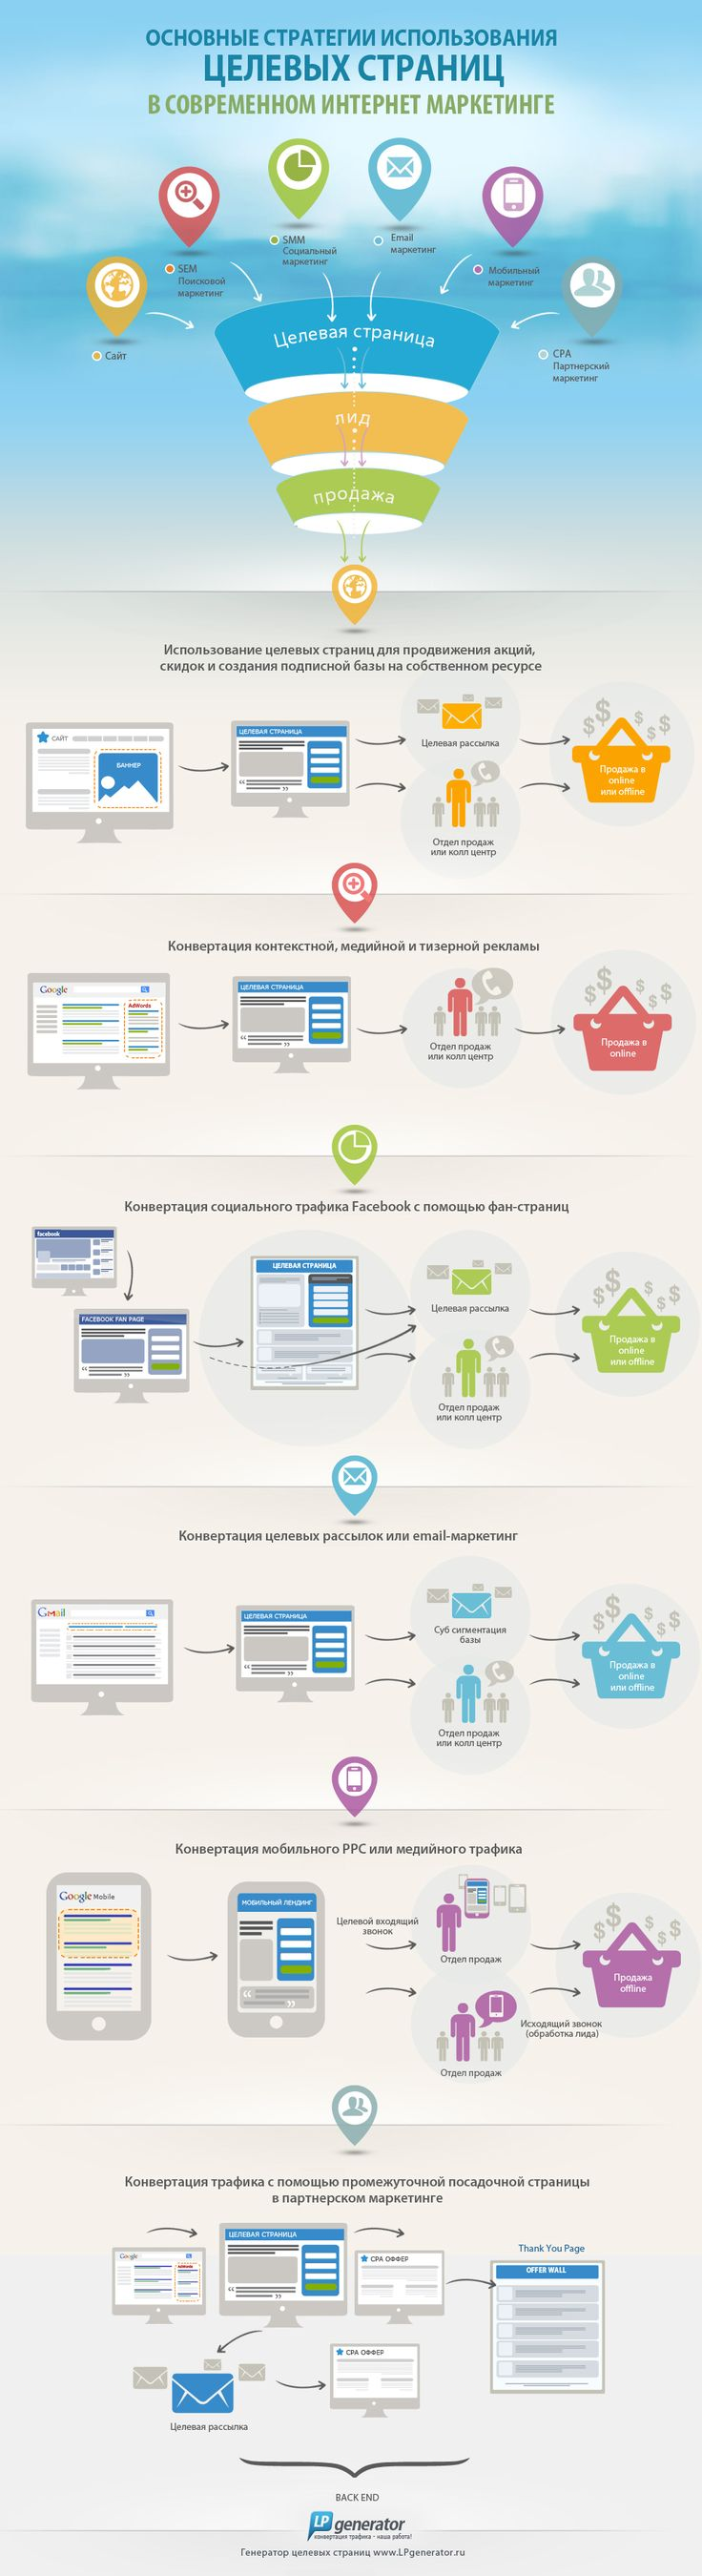 В сегодняшней инфографике представлены различные стратегии использования целевых страниц в современном интернет маркетинге. От продвижения акций, скидок и создания подписной базы на собственном ресурсе, до конвертации трафика с помощью промежуточной посадочной страницы в партнерском маркетинге.#инфографика